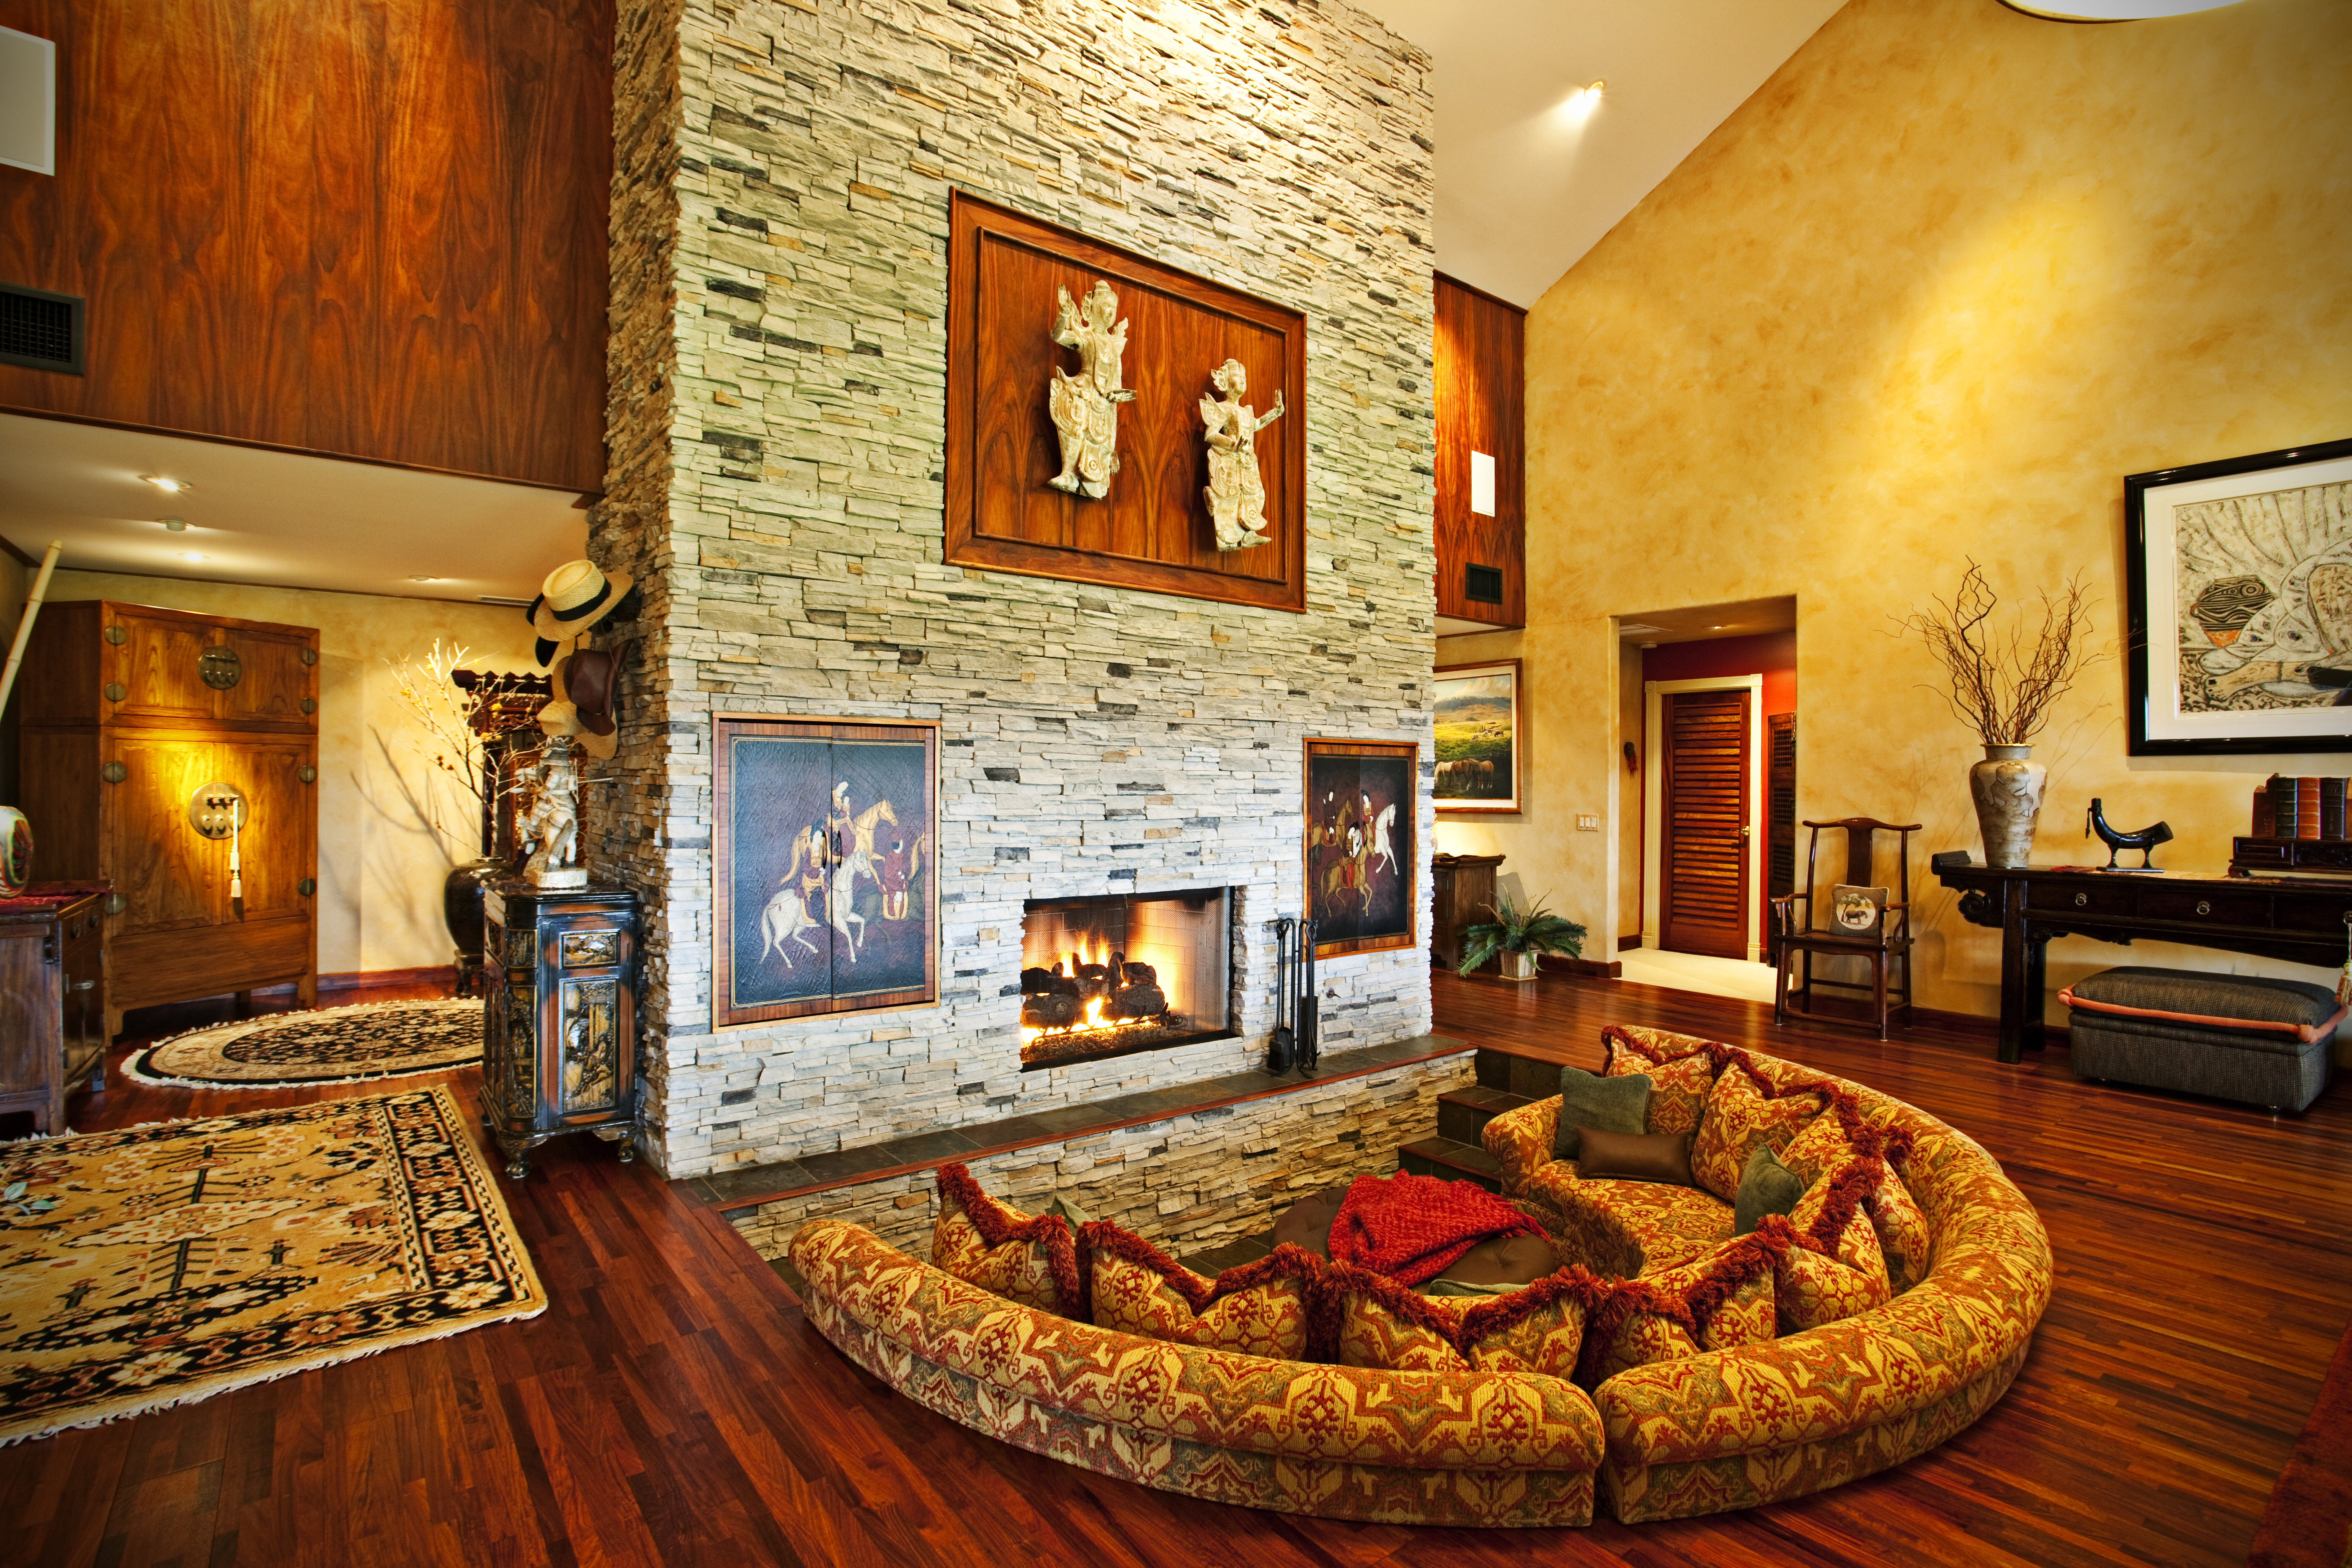 жилья обои для гостиной с камнем фото сказку нашу